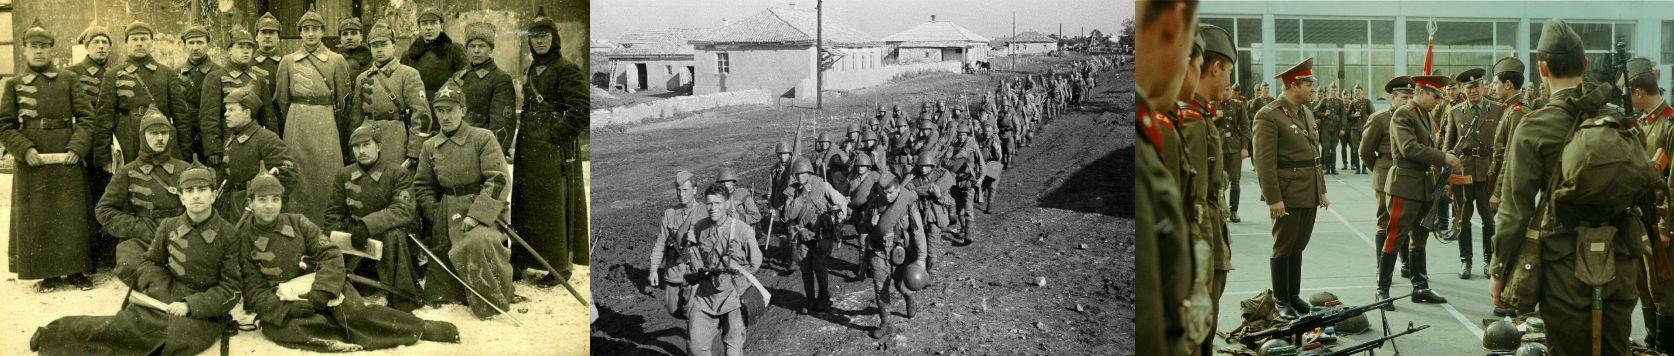 как выглядели советские военнослужащие